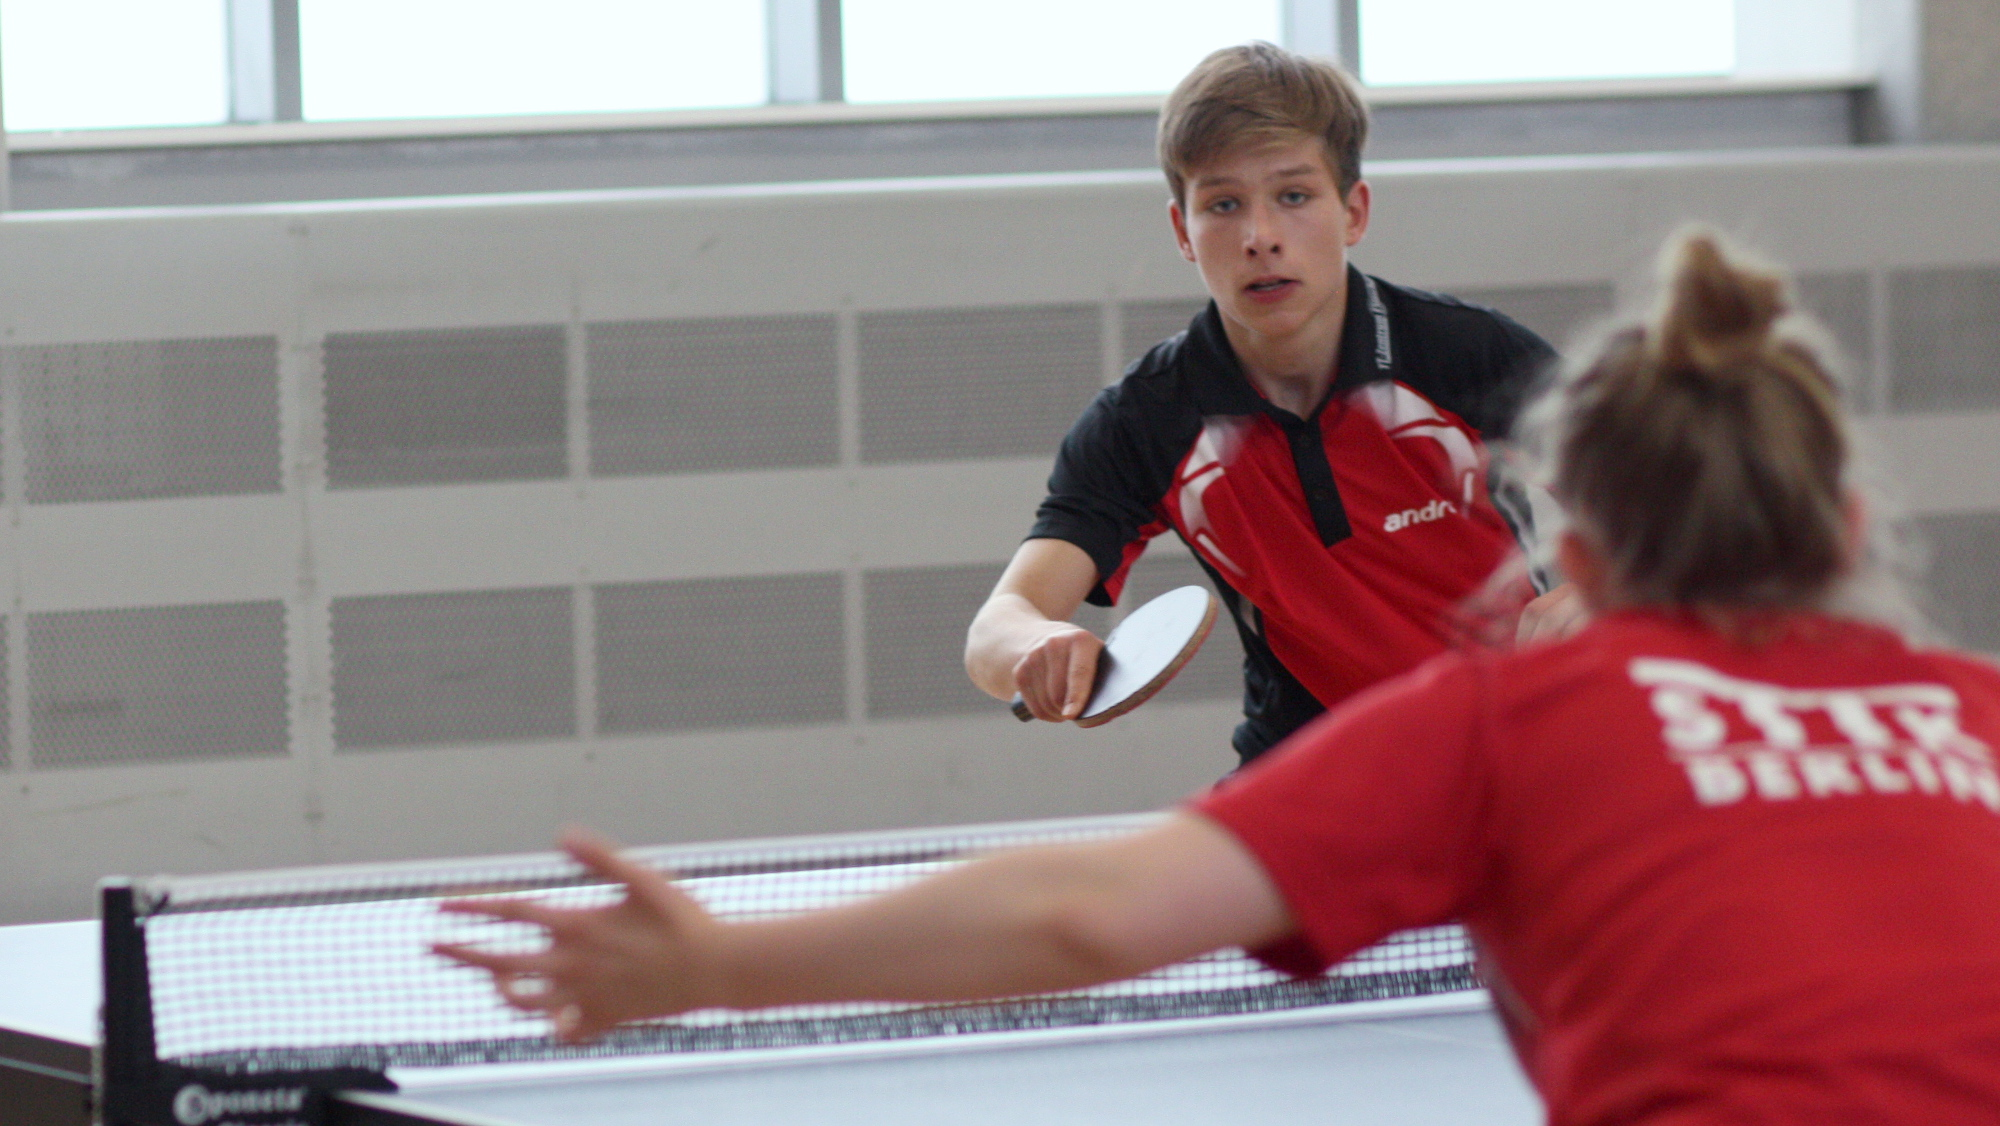 Konrad belegte den 7. Platz der Jugend-Konkurrenz.